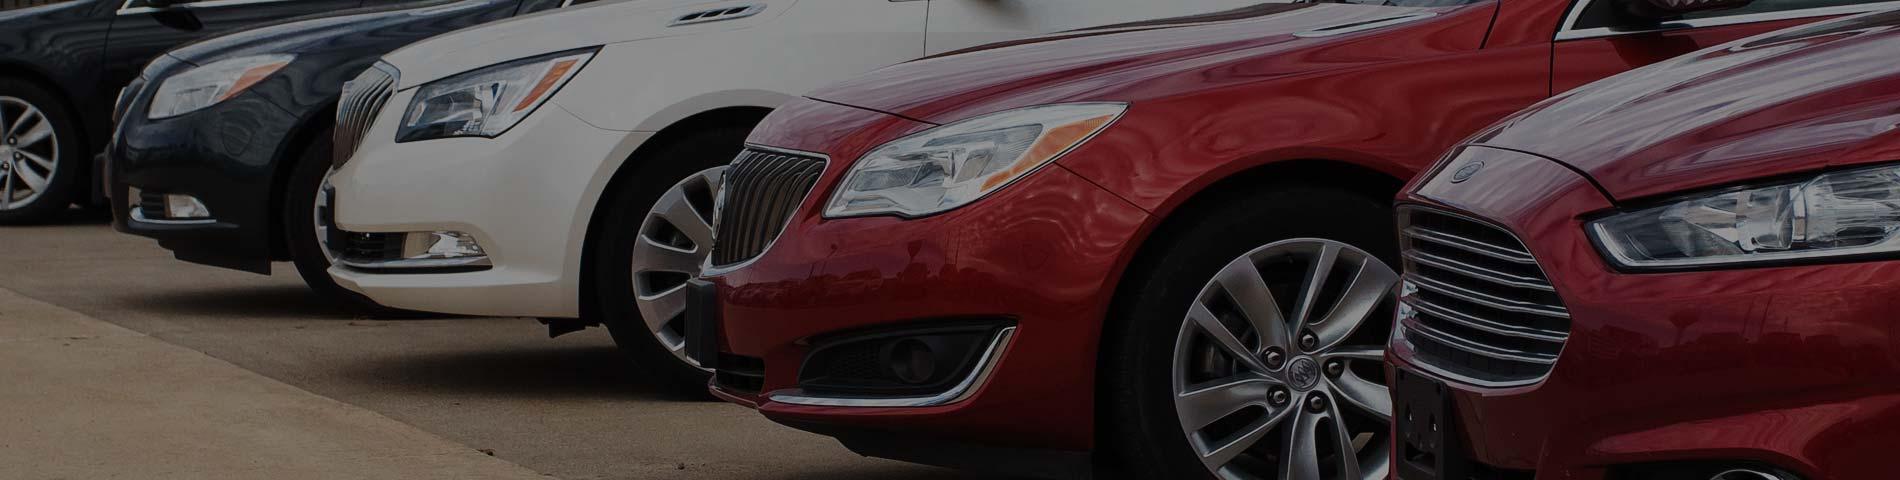 CarShopper.com